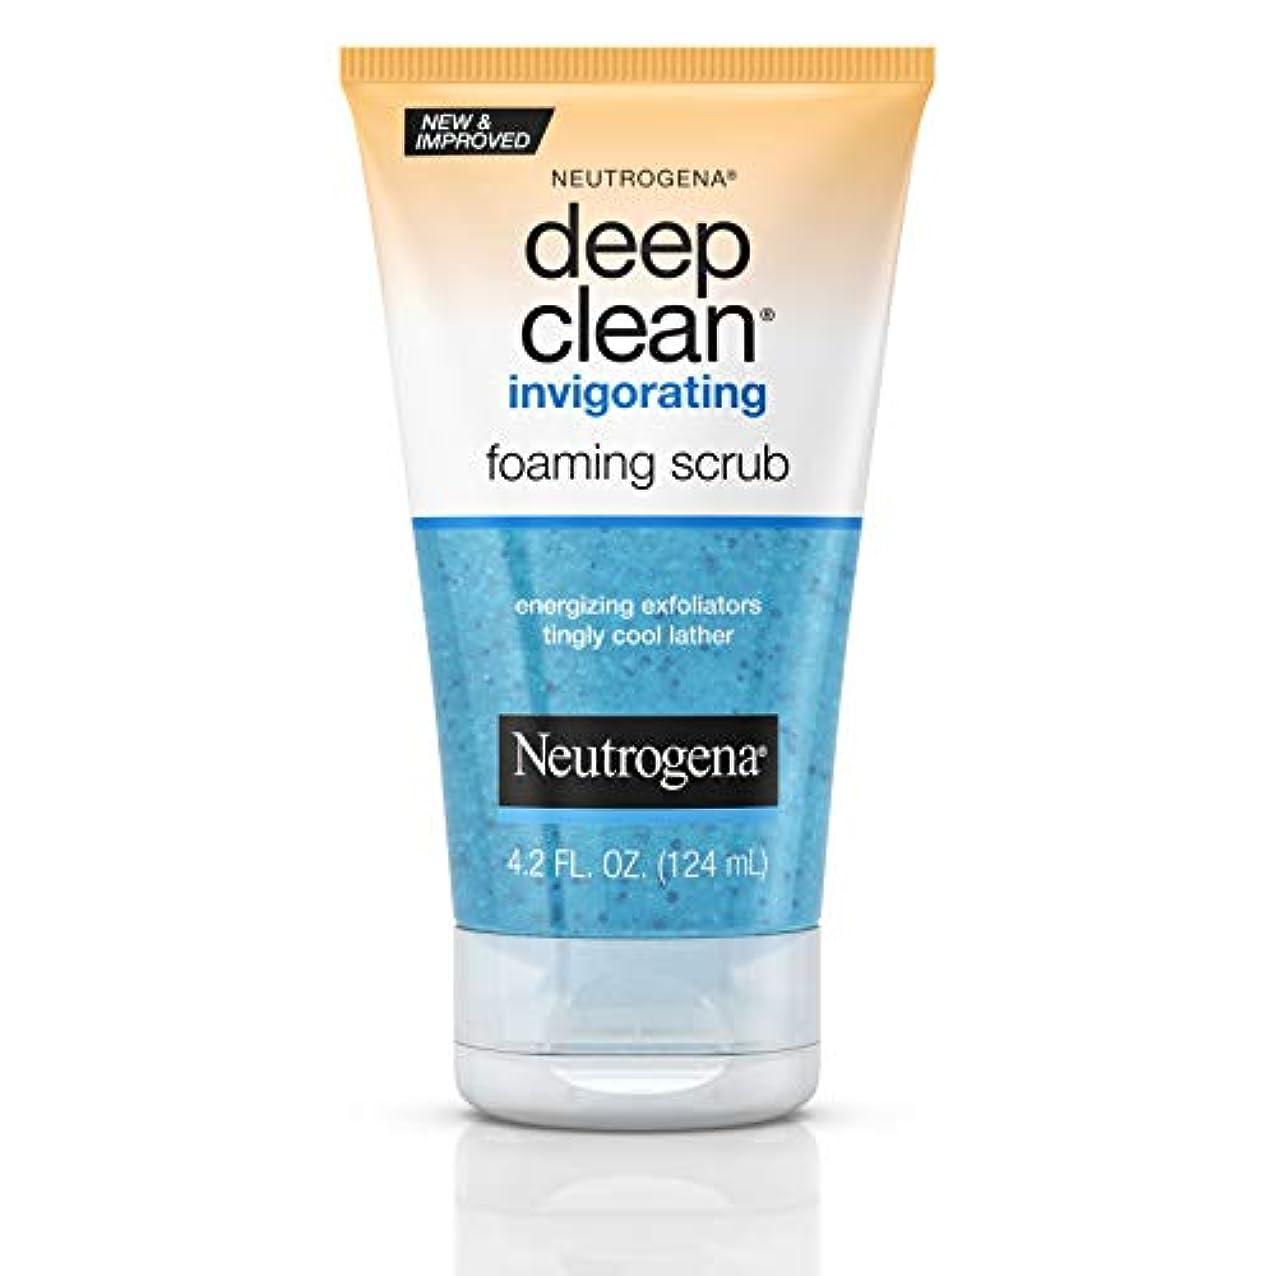 落胆させるノイズ匿名Neutrogena Deep Clean Invigorating Foaming Scrub ニキビのための皮膚の奥までキレイにする洗顔ジェル125ml